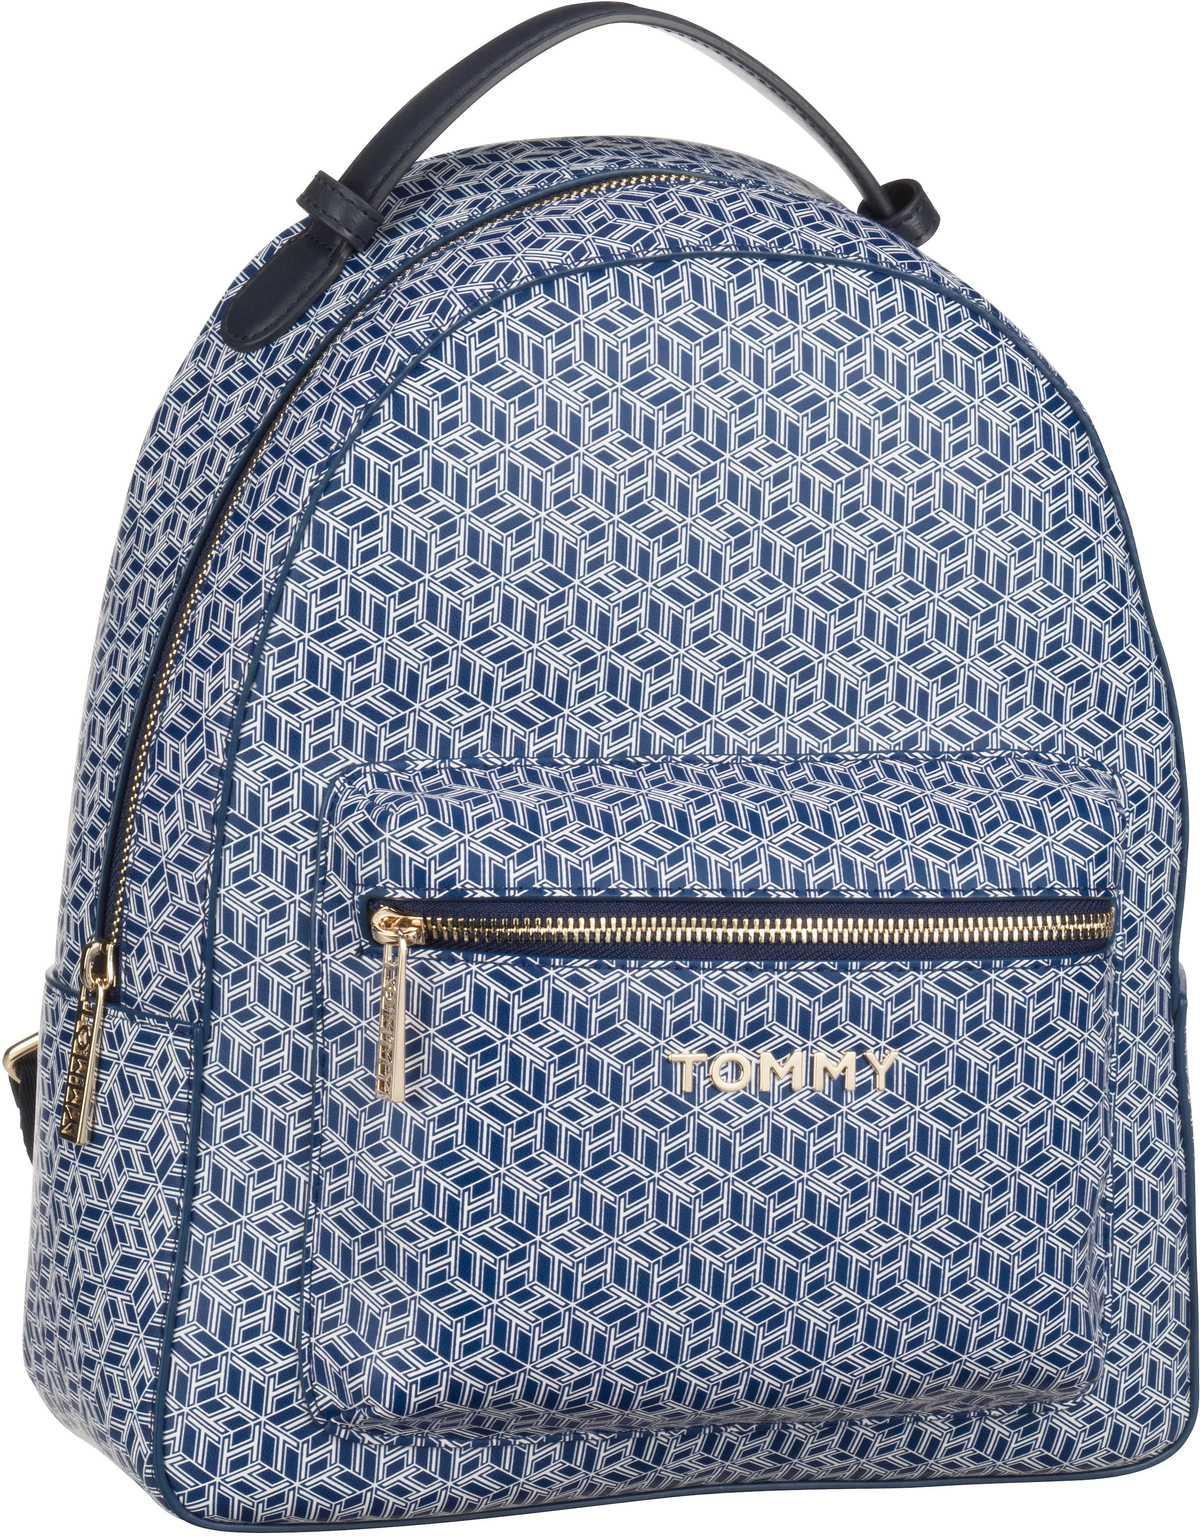 Rucksaecke - Tommy Hilfiger Rucksack Daypack Iconic Tommy Backpack Monogram SP20 Blue Ink  - Onlineshop Taschenkaufhaus